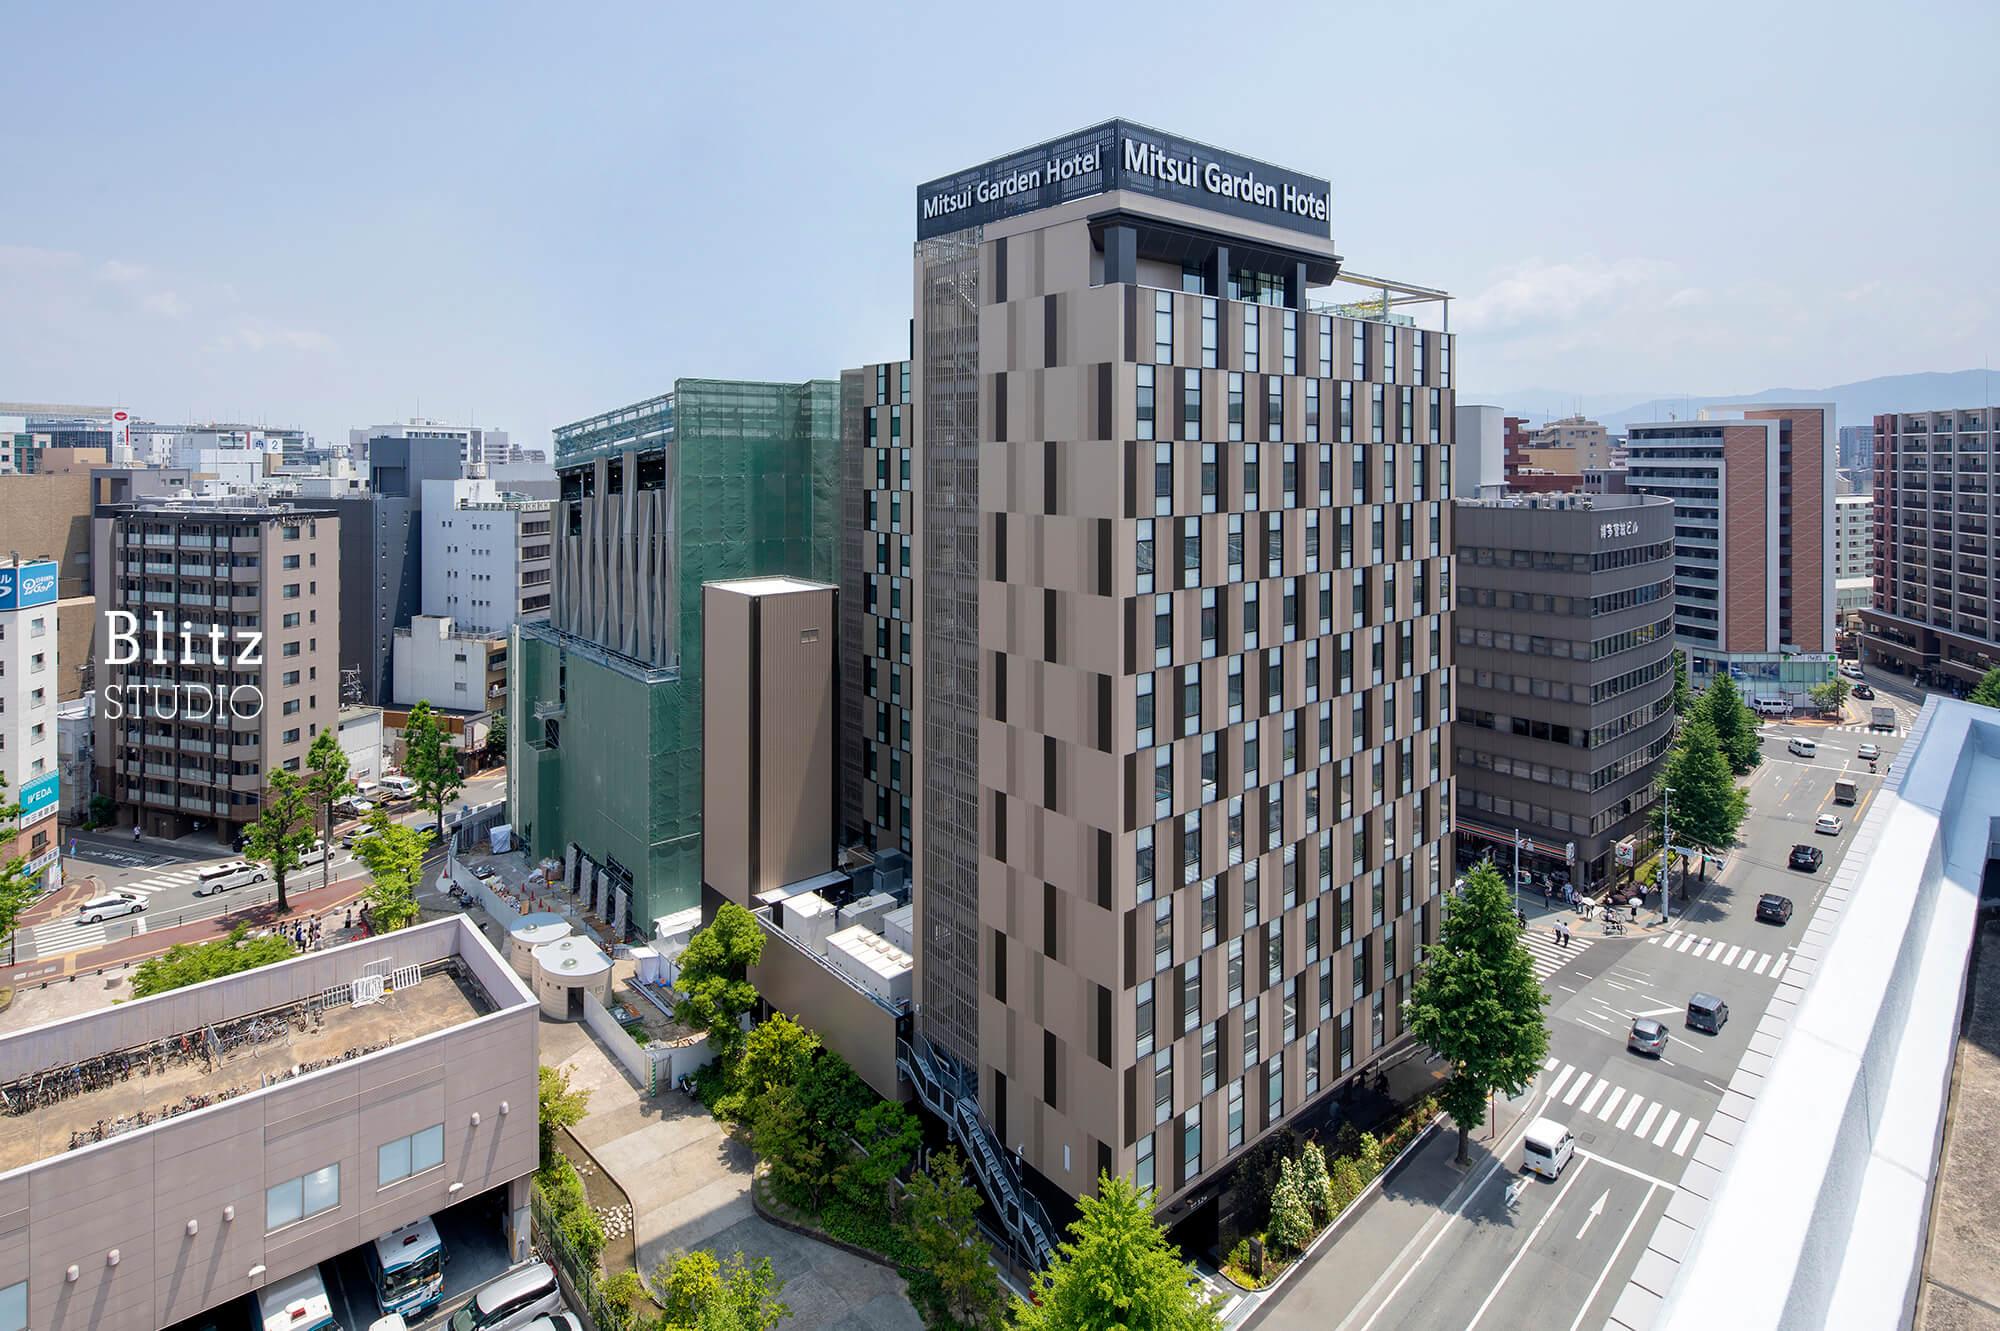 『三井ガーデンホテル福岡祇園』-福岡県福岡市-建築写真・竣工写真・インテリア写真3